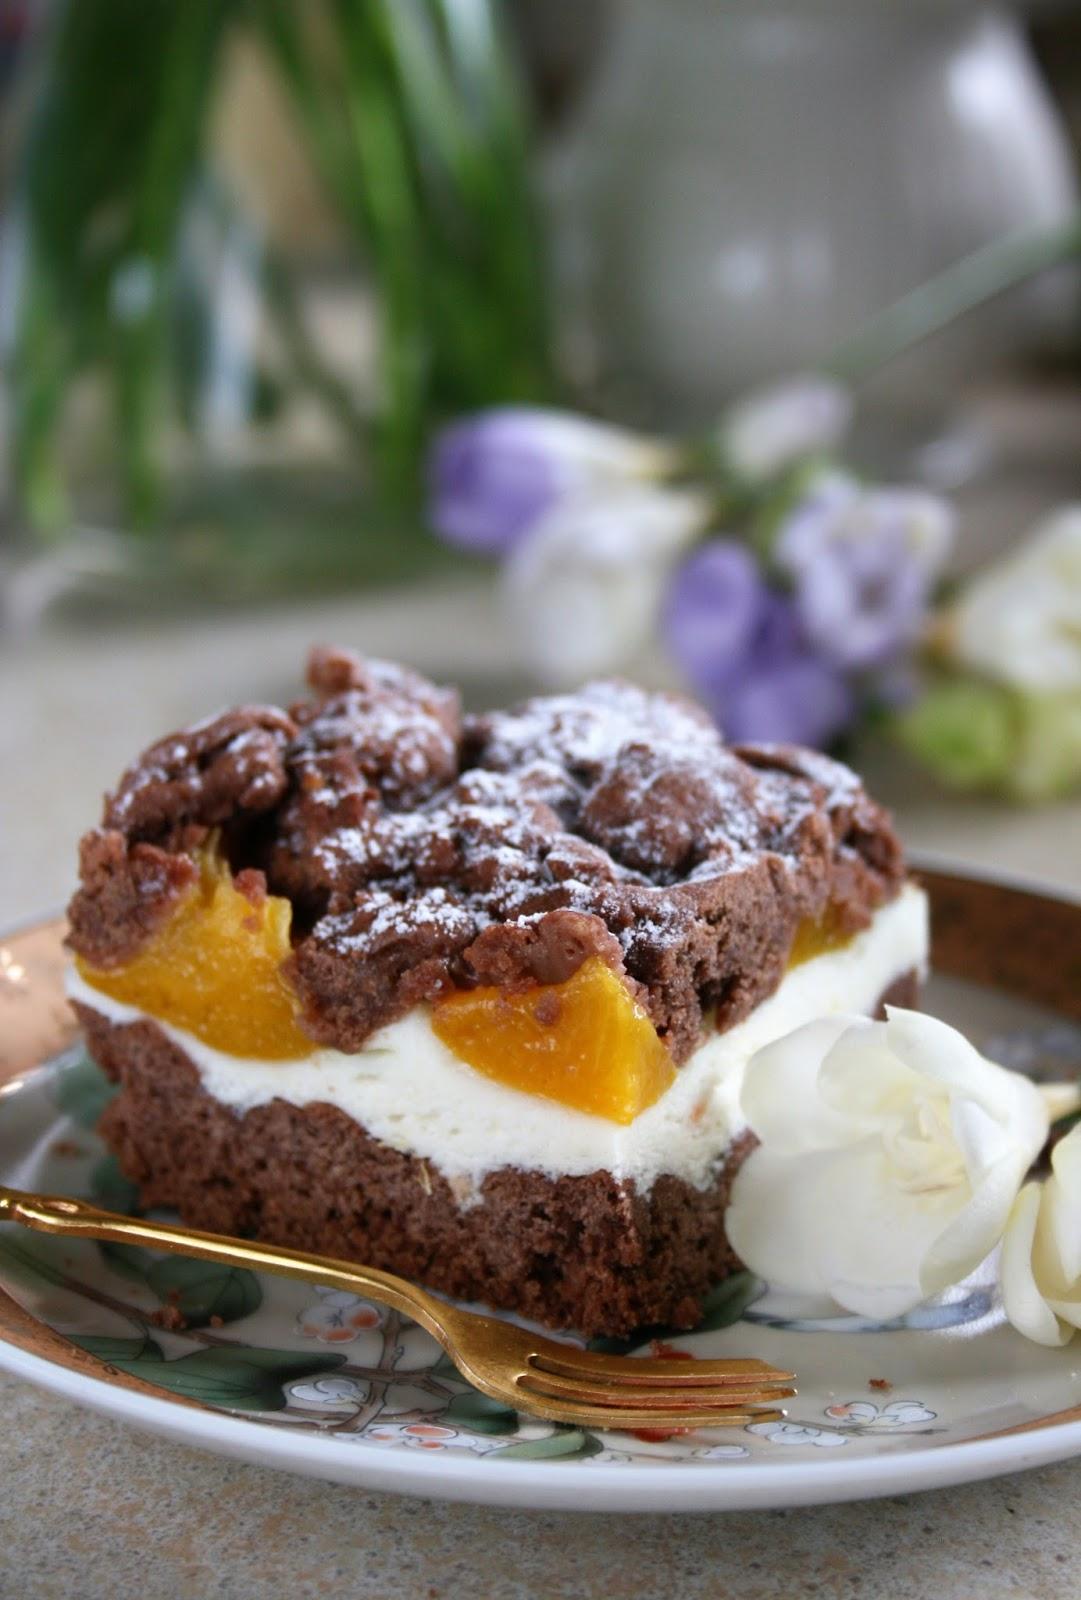 Kruche ciasto kakaowe z waniliową pianką i brzoskwiniami